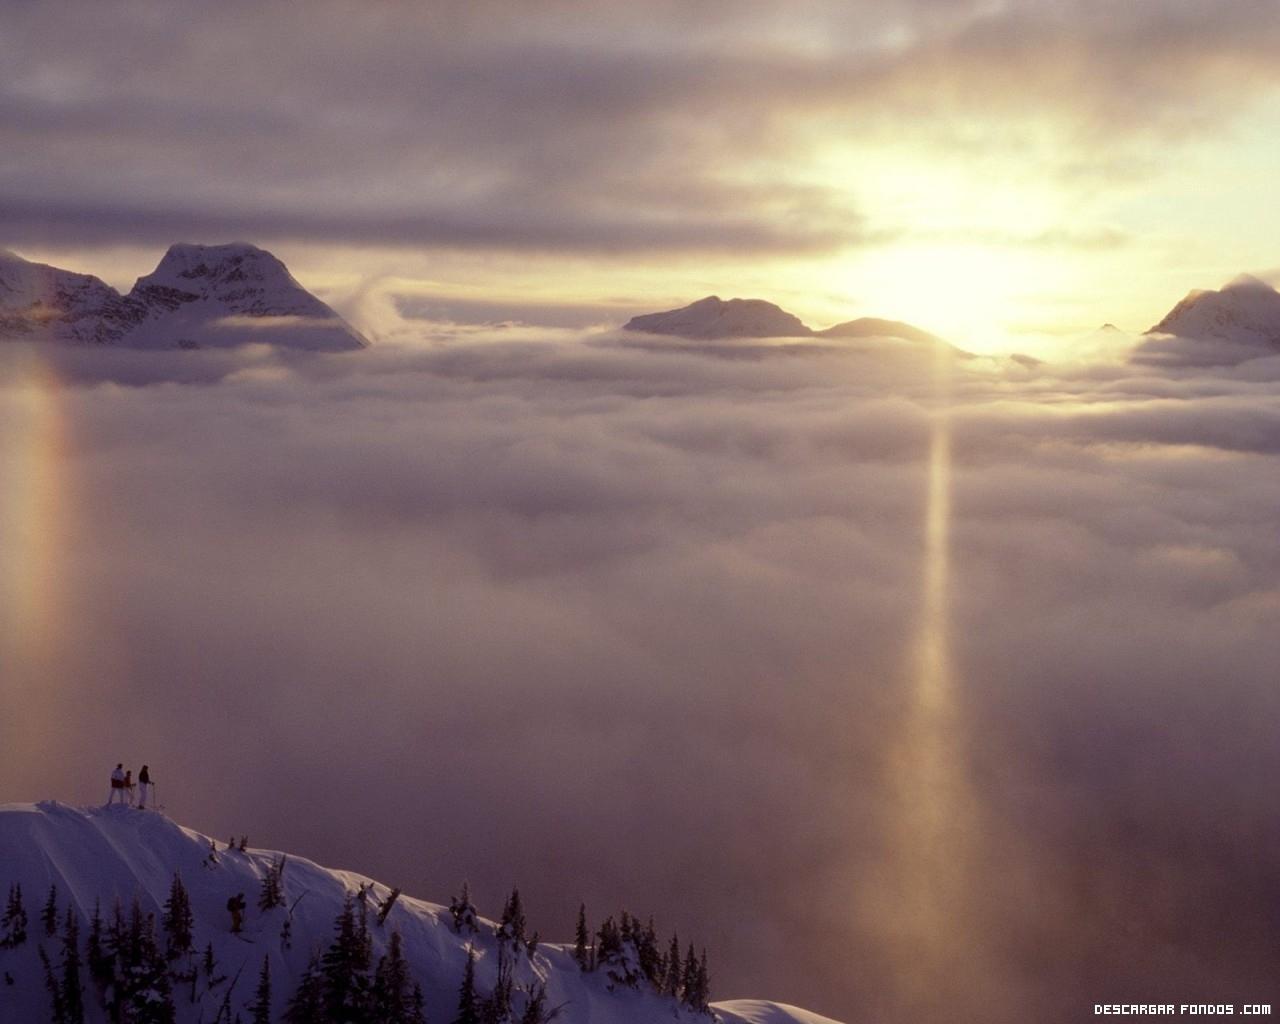 Entre las nubes